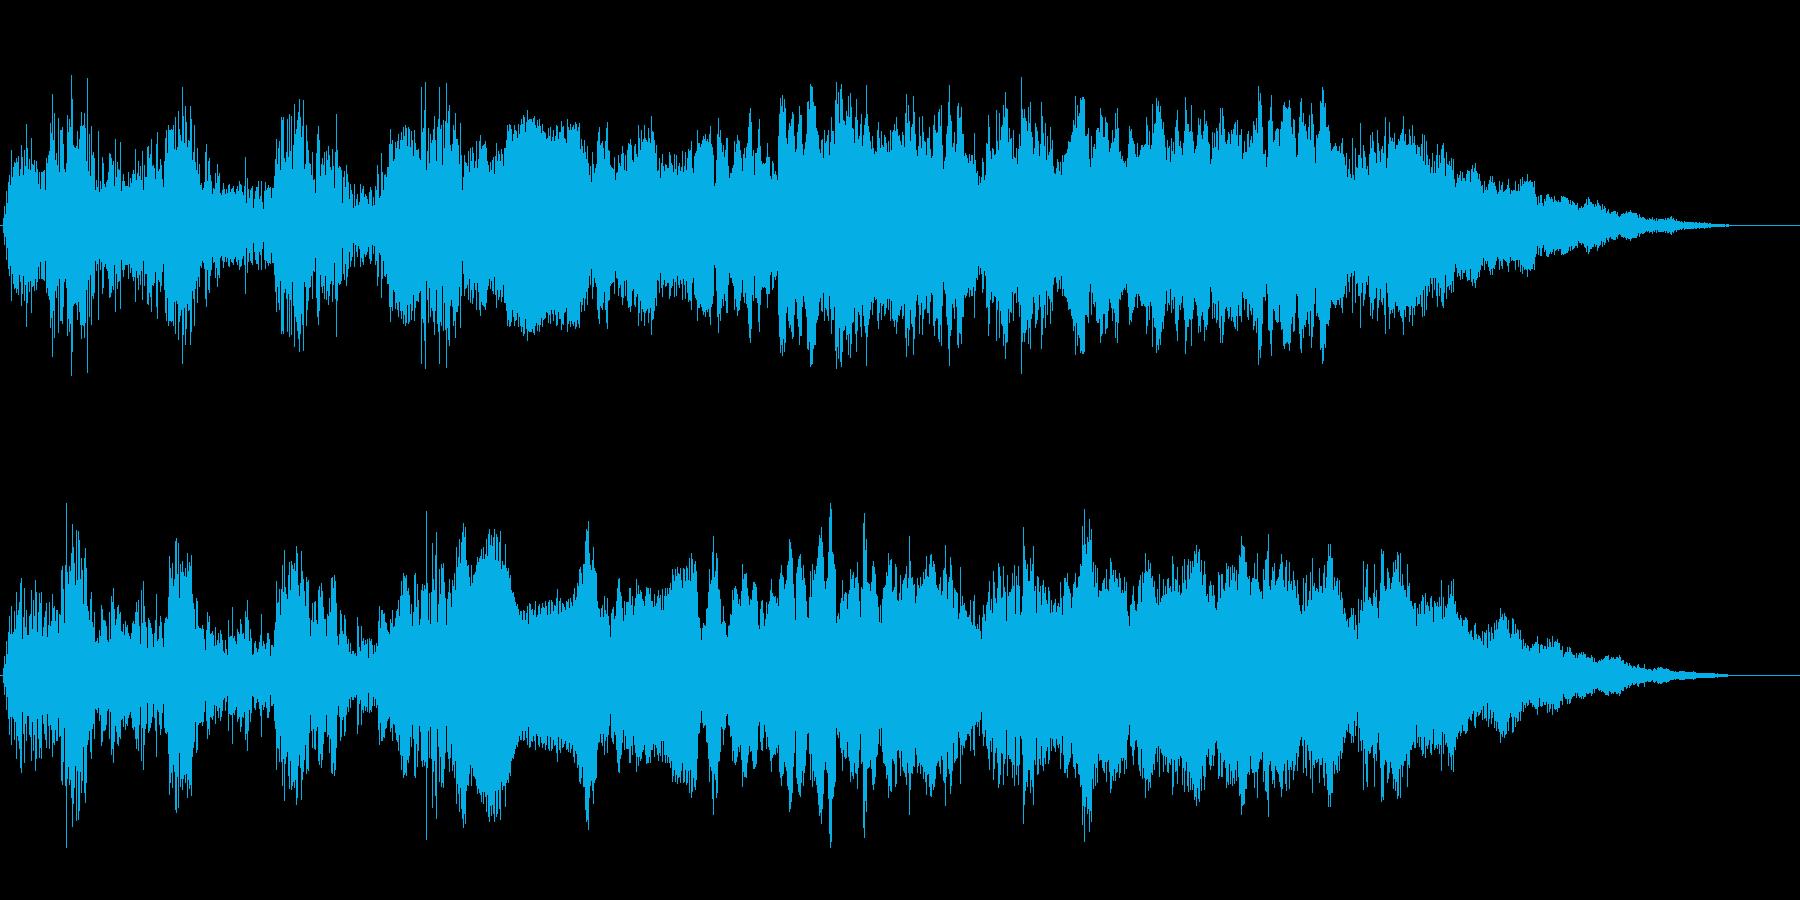 バイク オートバイの迫力あるエンジン音2の再生済みの波形